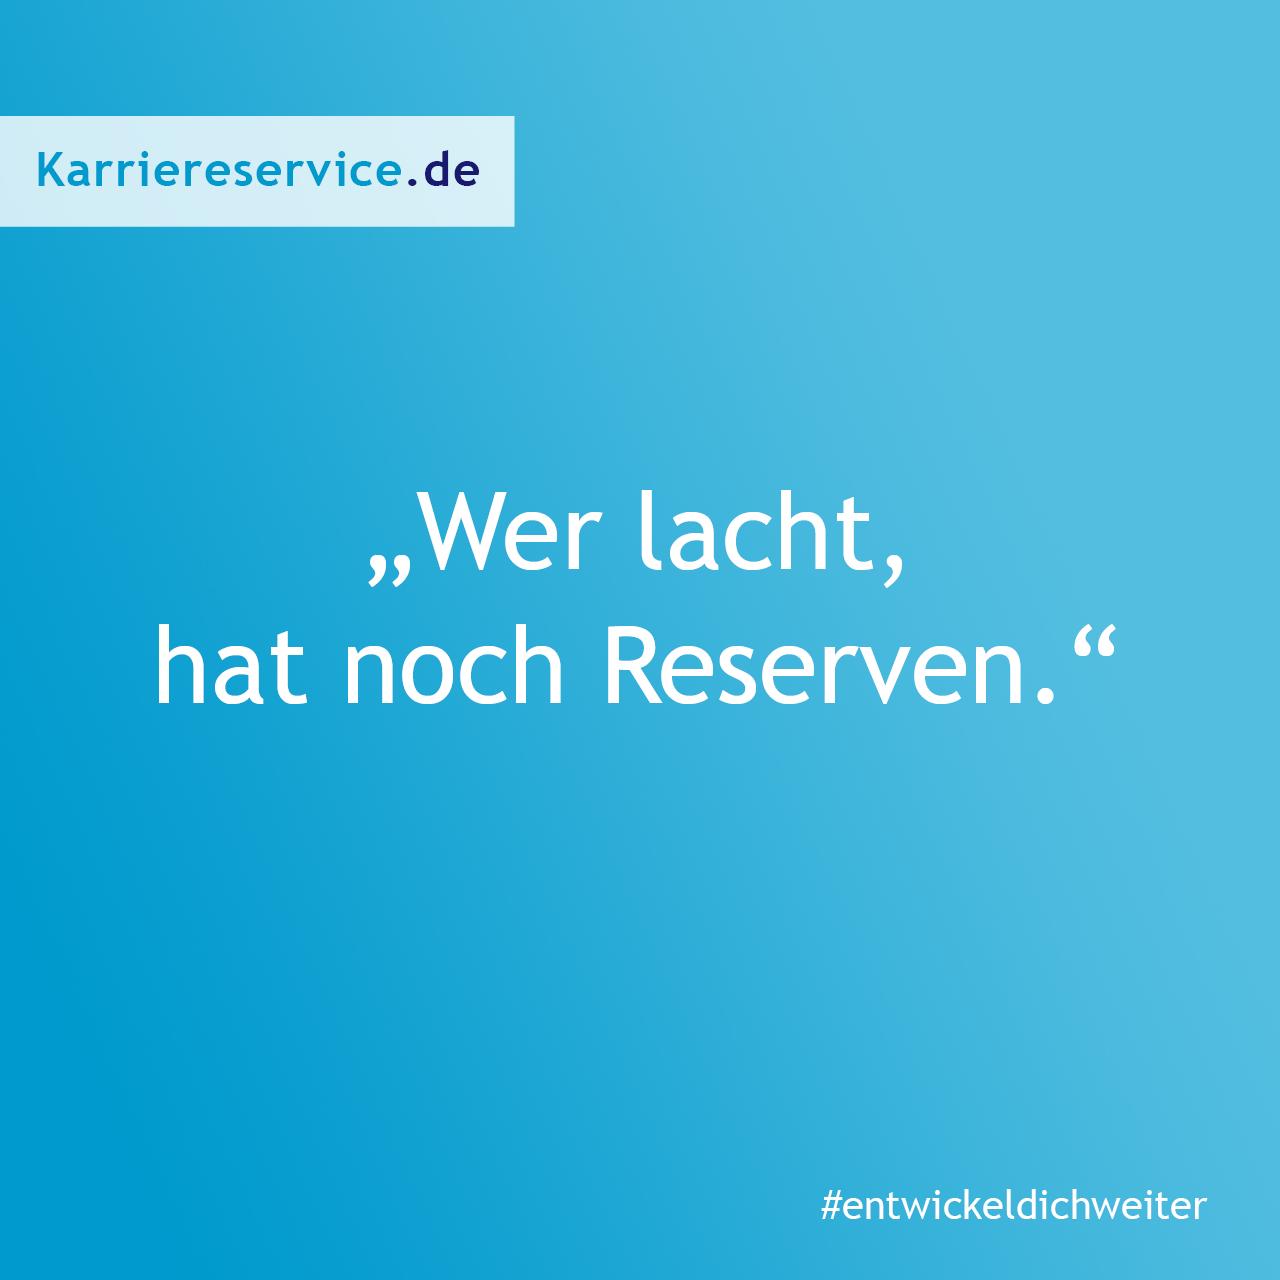 Chefspruch über Spaß am Arbeitsplatz. | Karriereservice.de ...